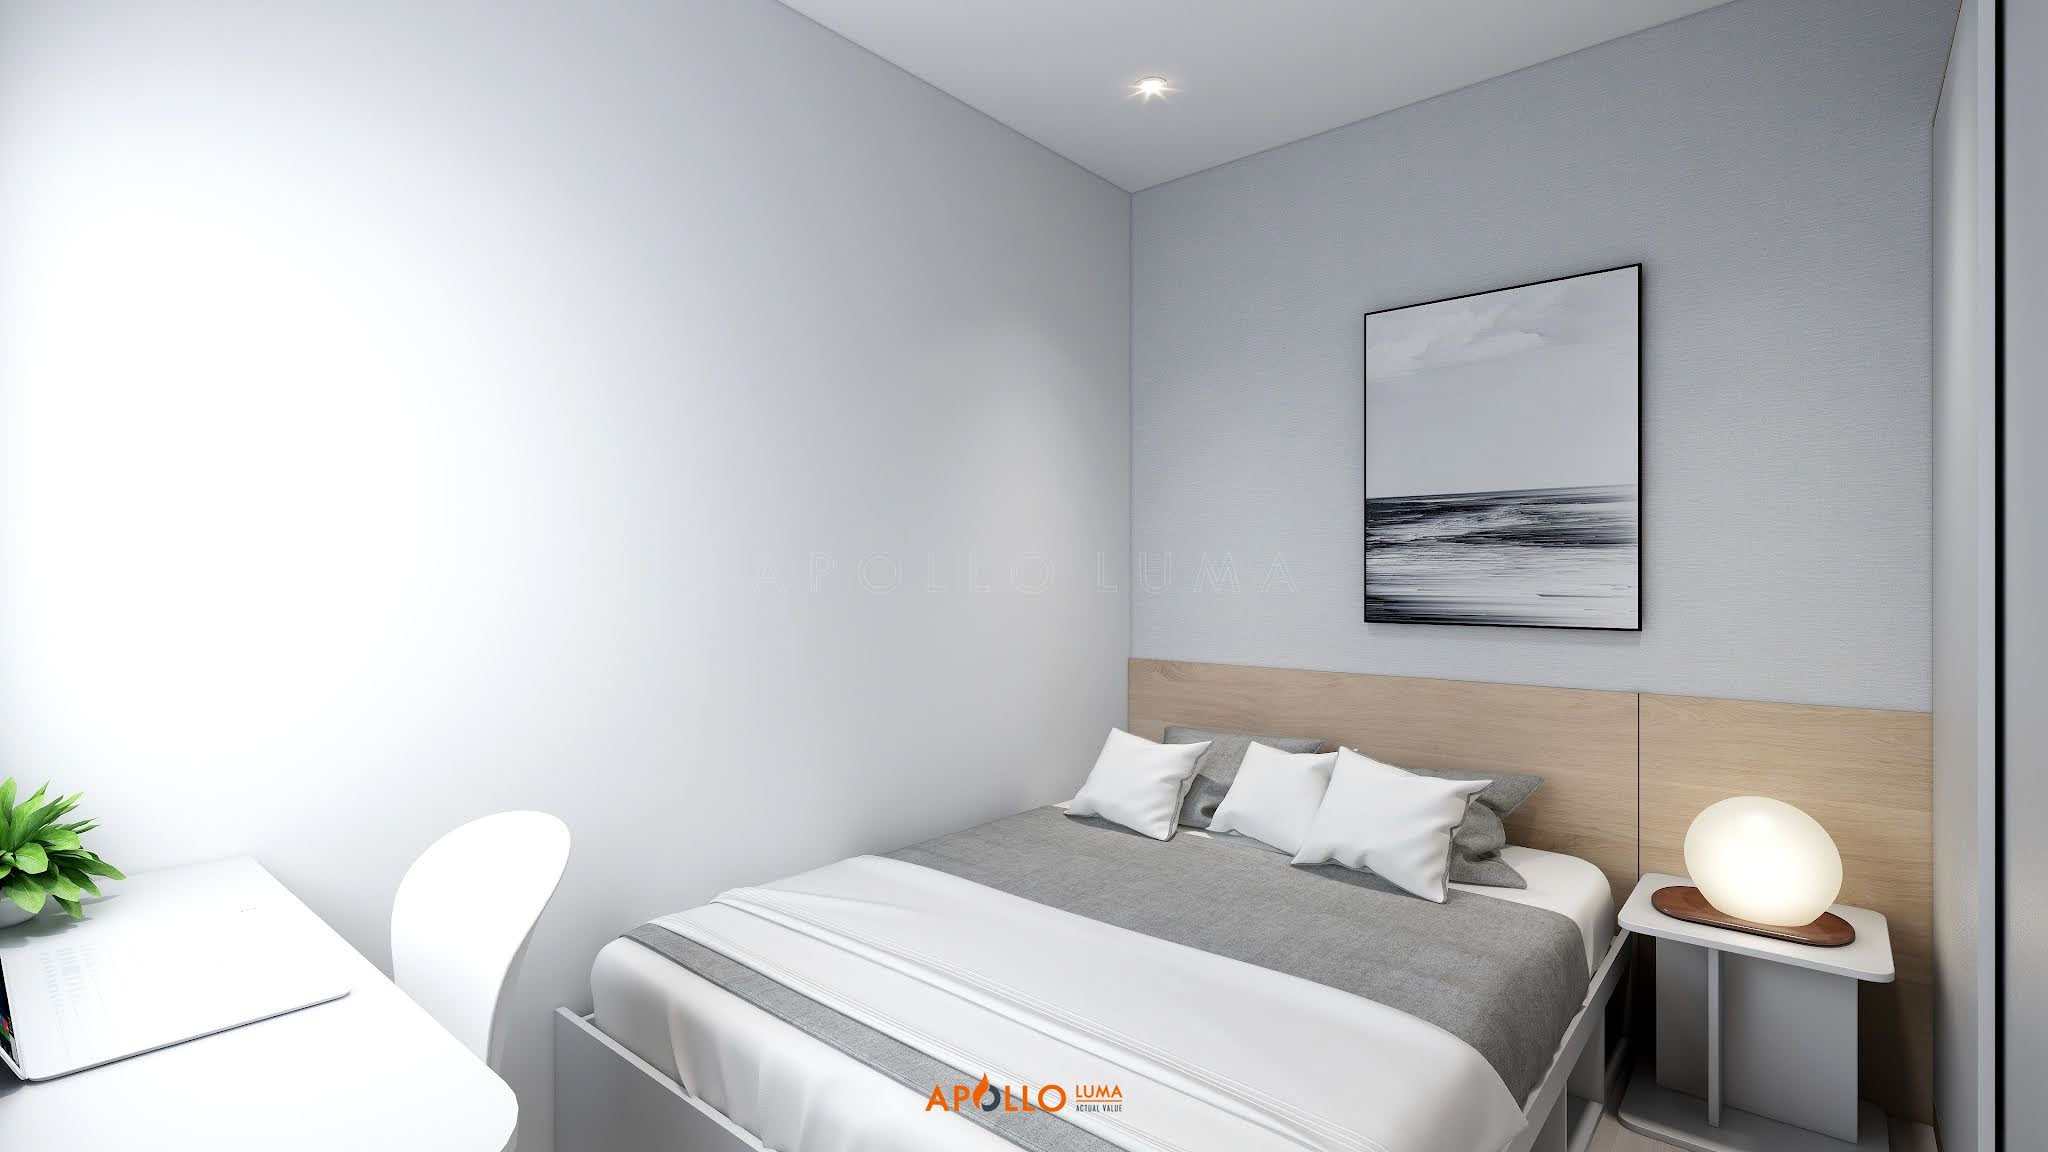 Thiết kế nội thất căn 2PN+1 (55m2) Vinhomes Ocean Park phong cách hiện đại